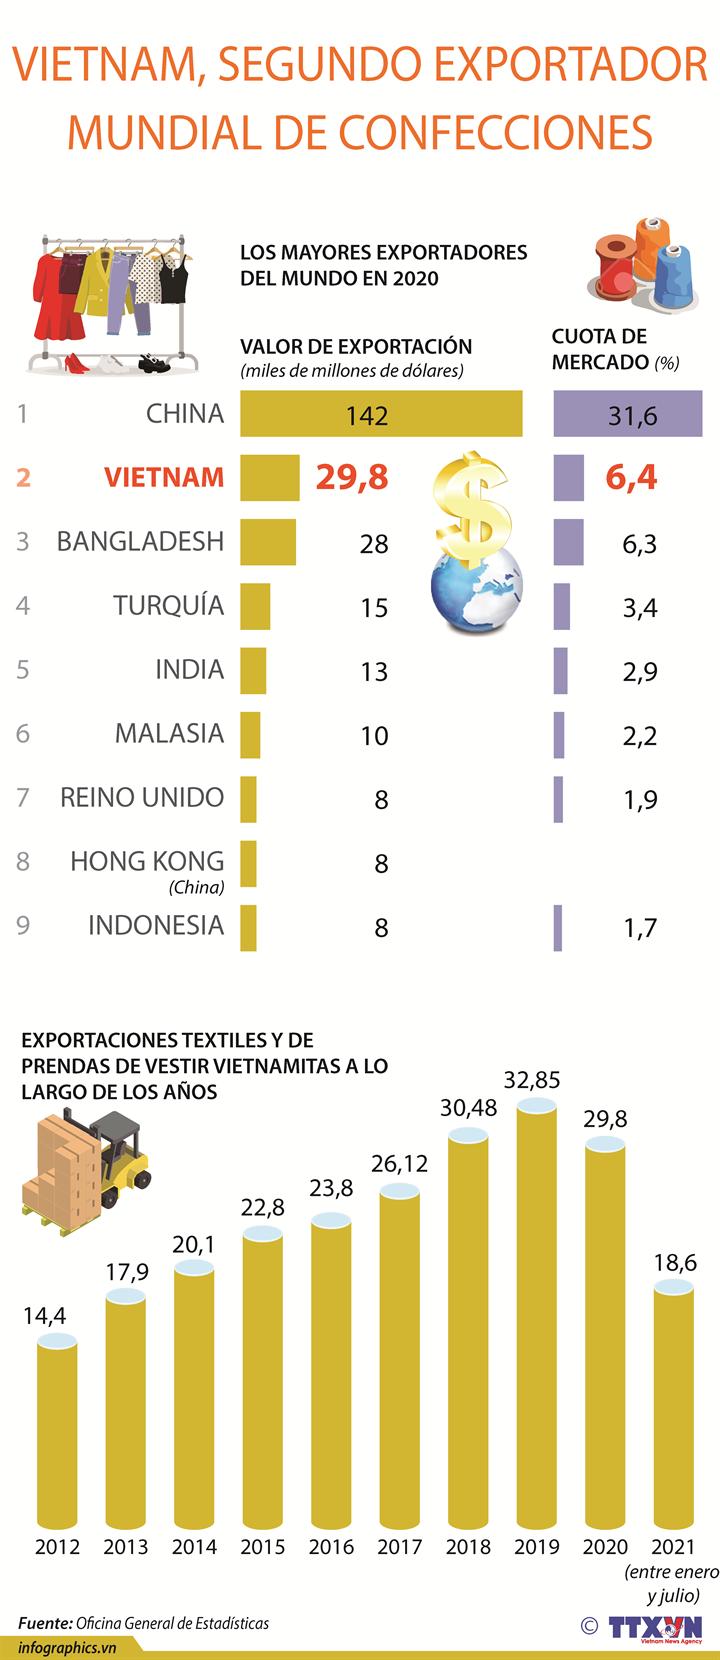 Vietnam, segundo exportador mundial de confecciones